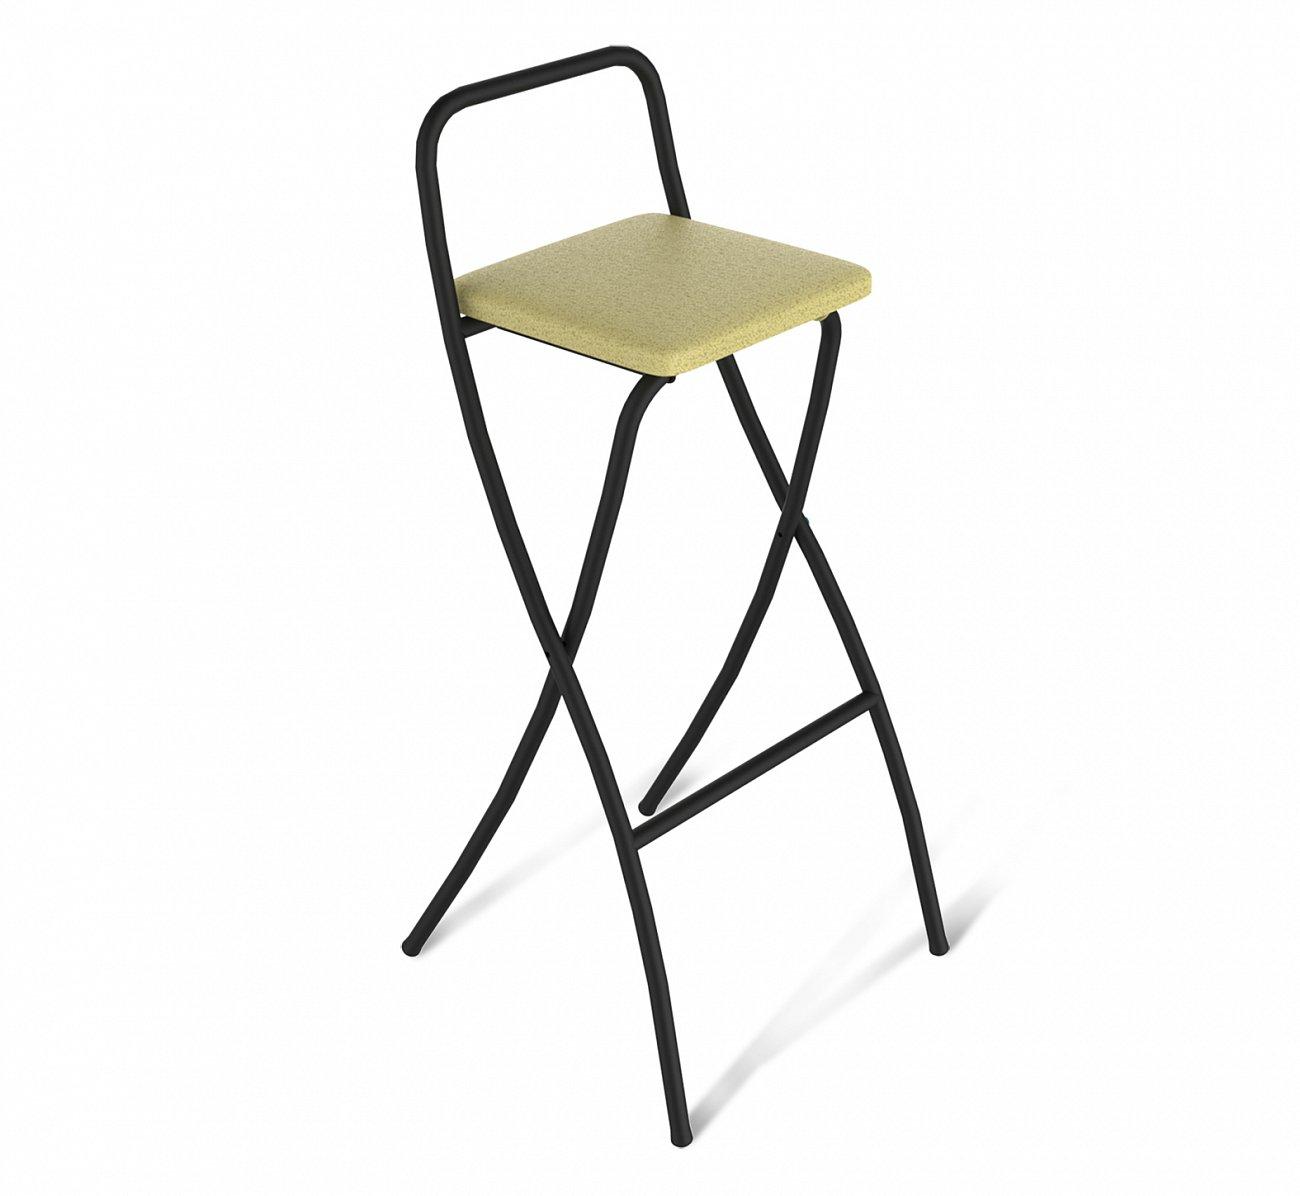 Купить Стул барный складной DSR  бежевый в интернет магазине дизайнерской мебели и аксессуаров для дома и дачи